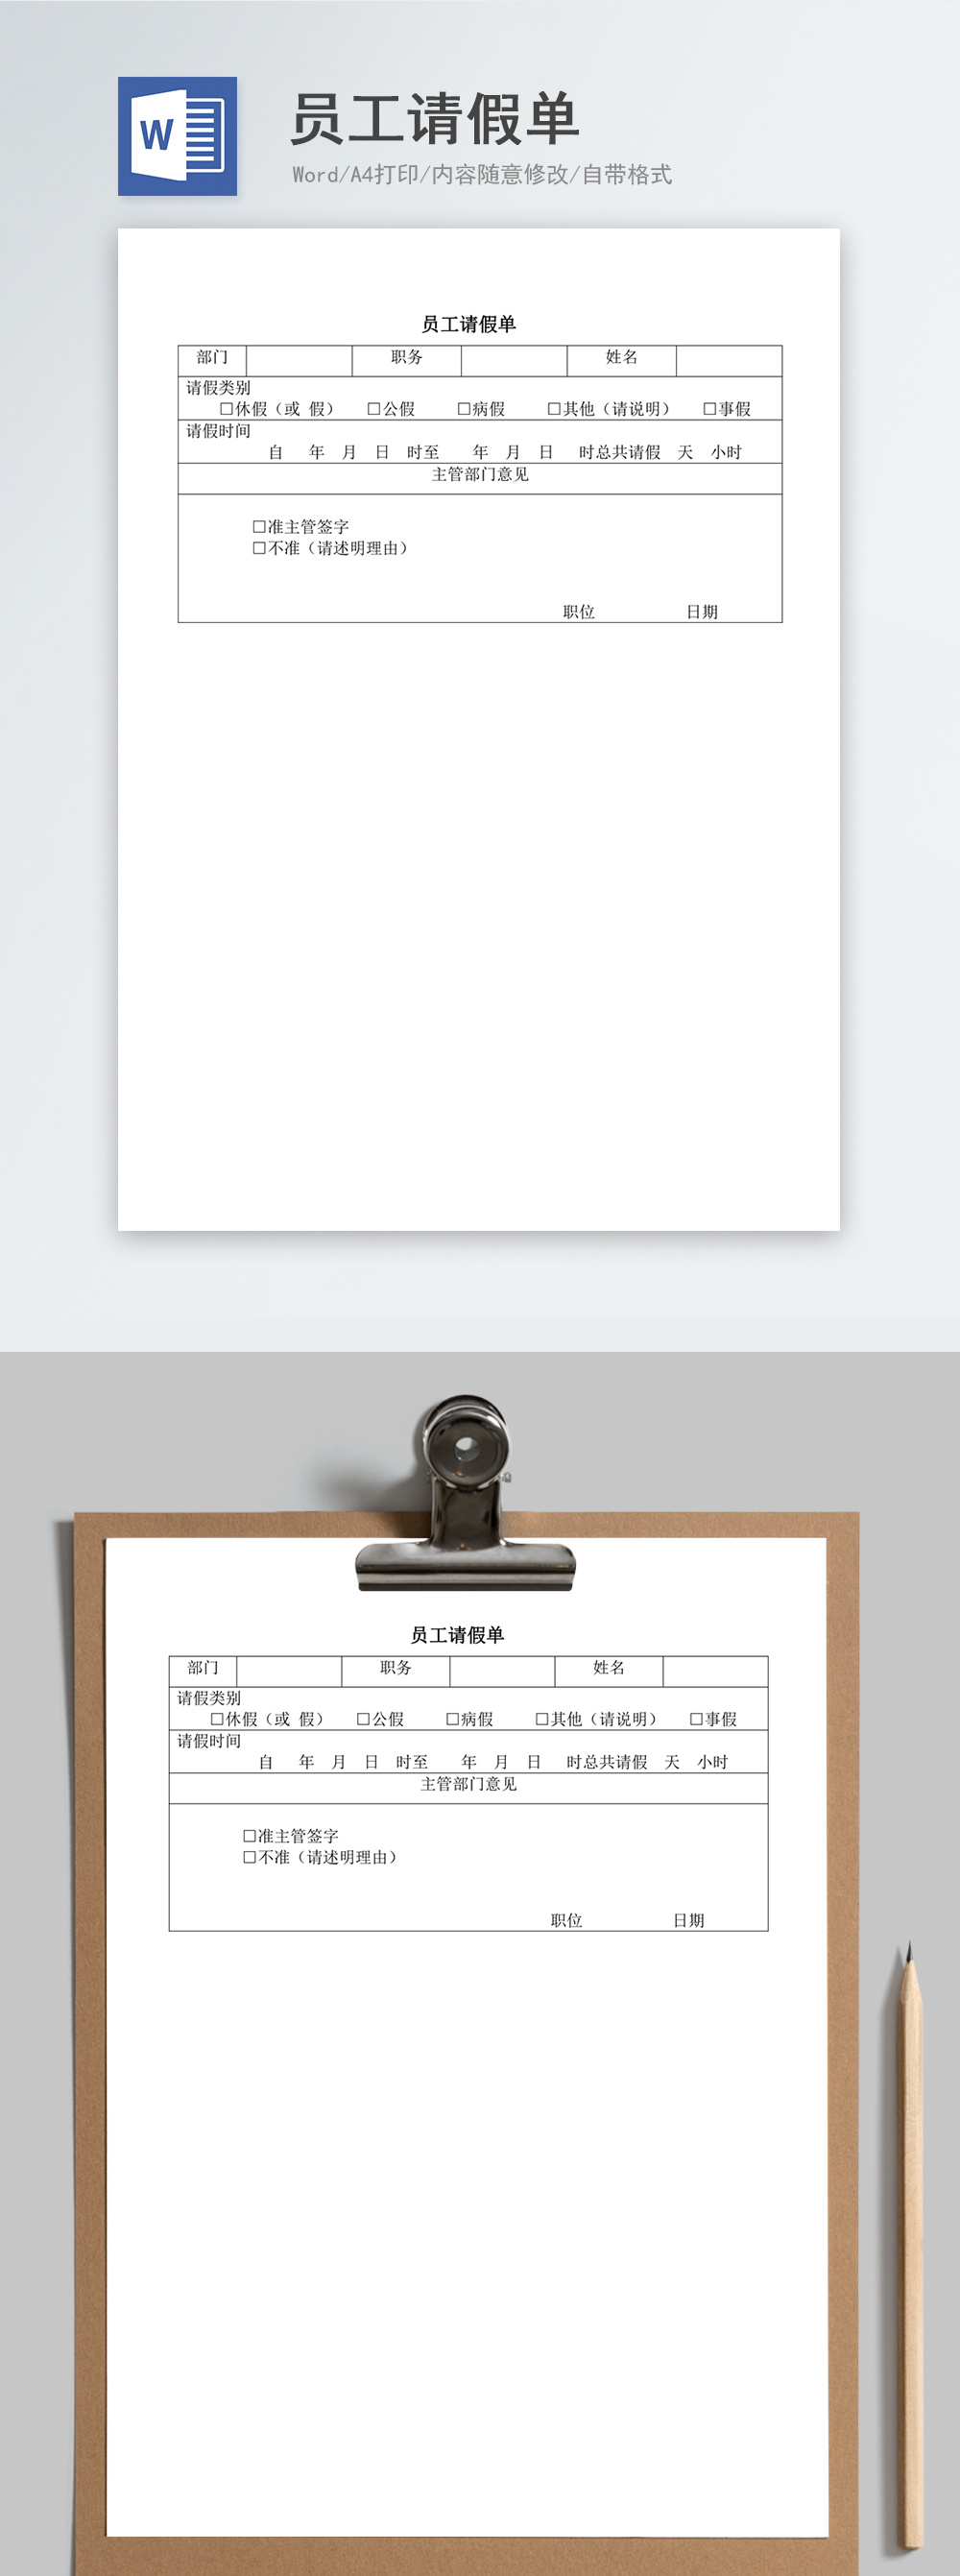 人事管理员工请假单Word文档图片